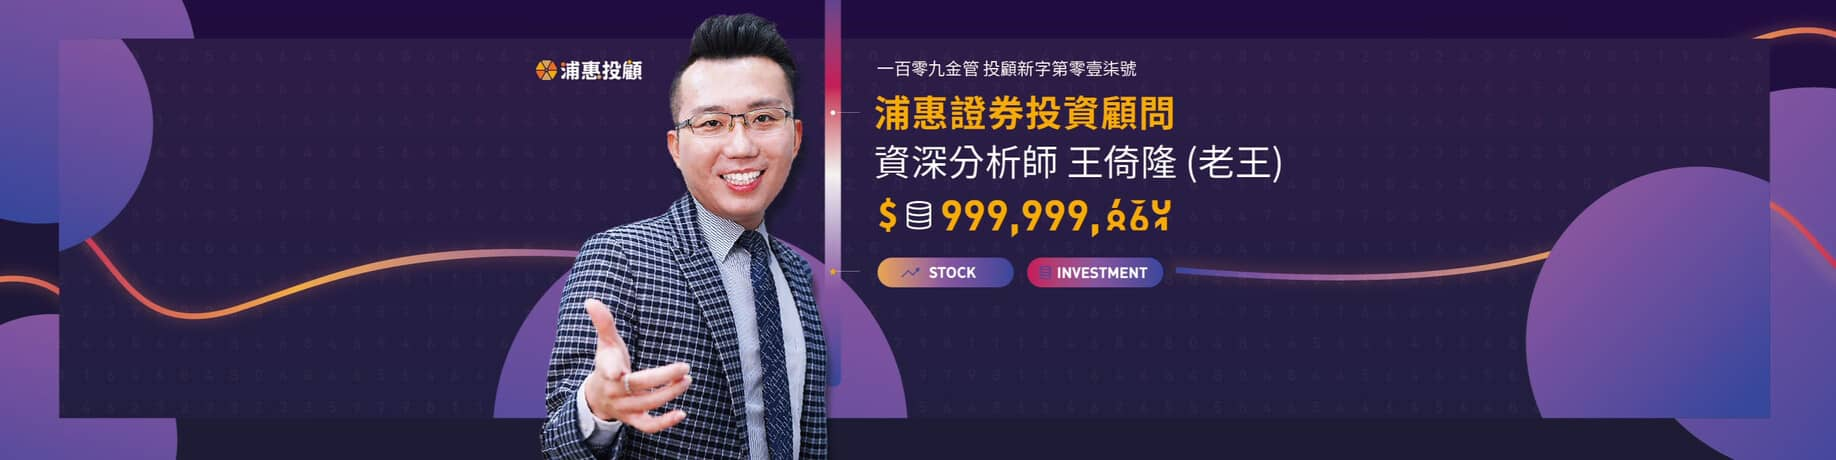 浦惠投顧王倚隆 (老王) - 為您洞悉全球財經與掌握台股主流 !